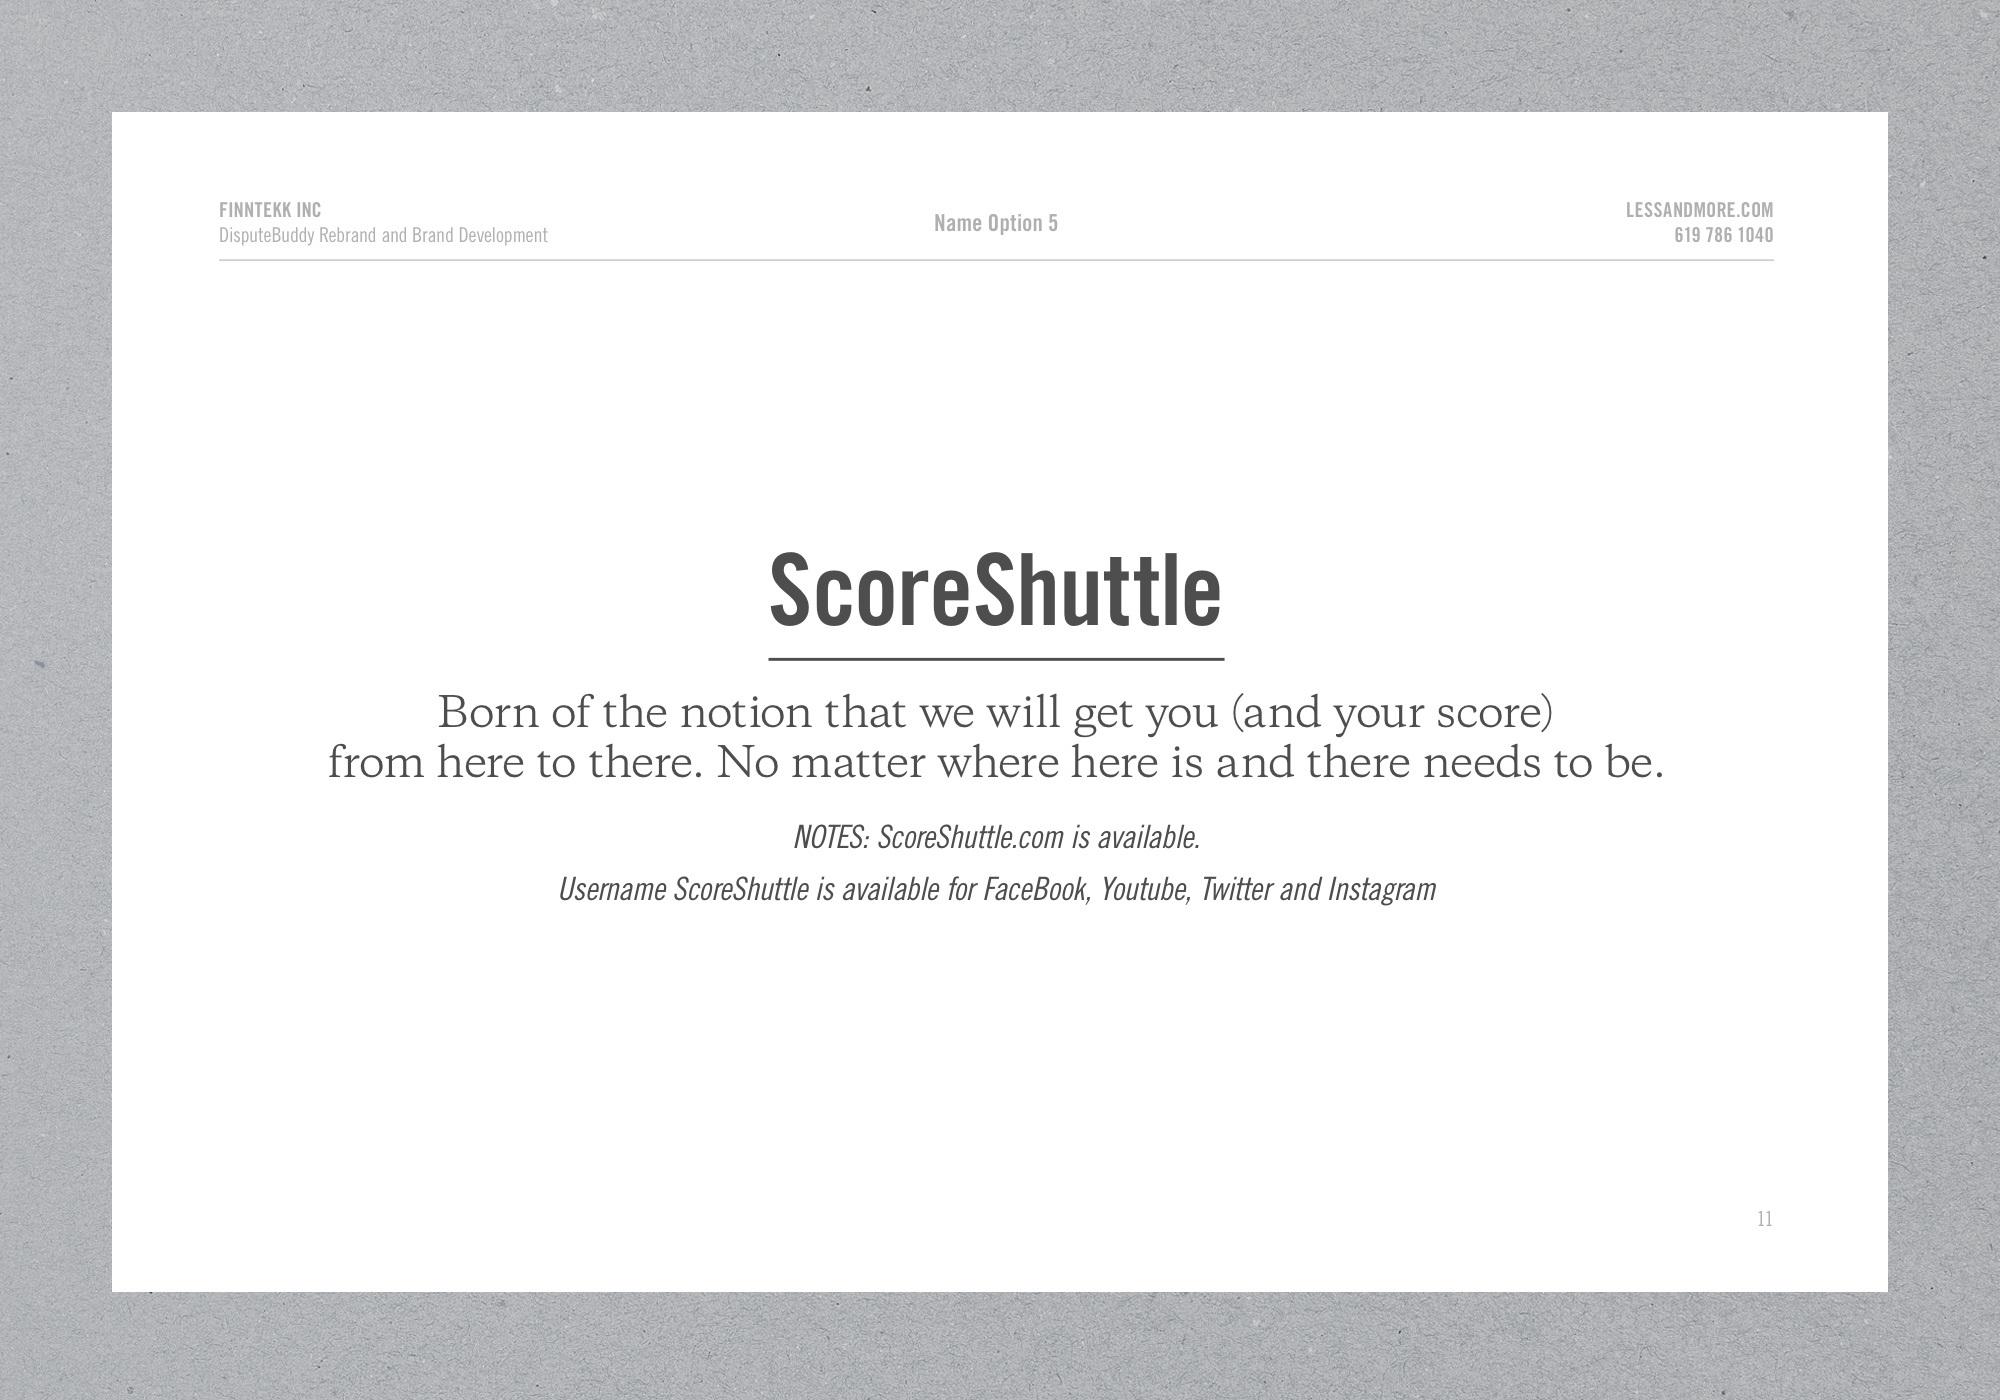 001_Concepts_ScoreShuttle_09